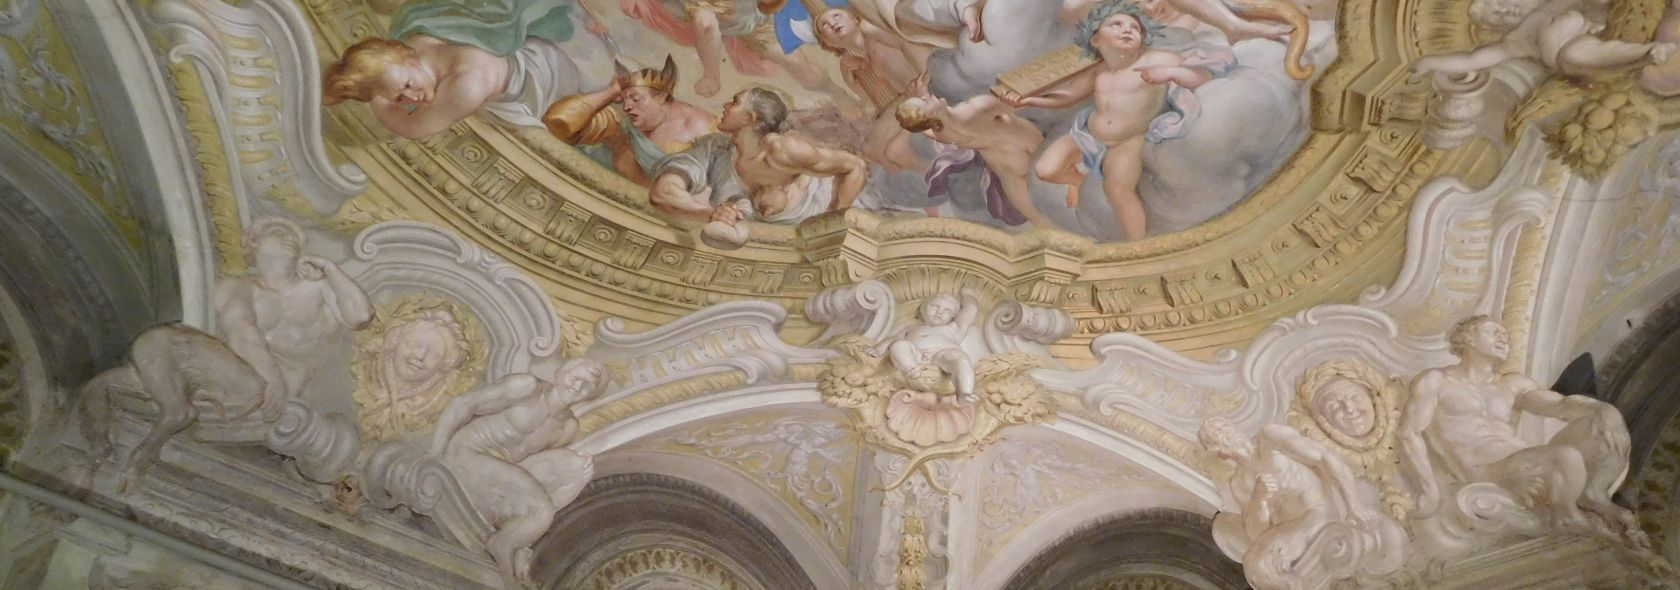 Palazzo Gio. Battista Grimaldi -affreschi - foto: Superchilum (CC 4.0)